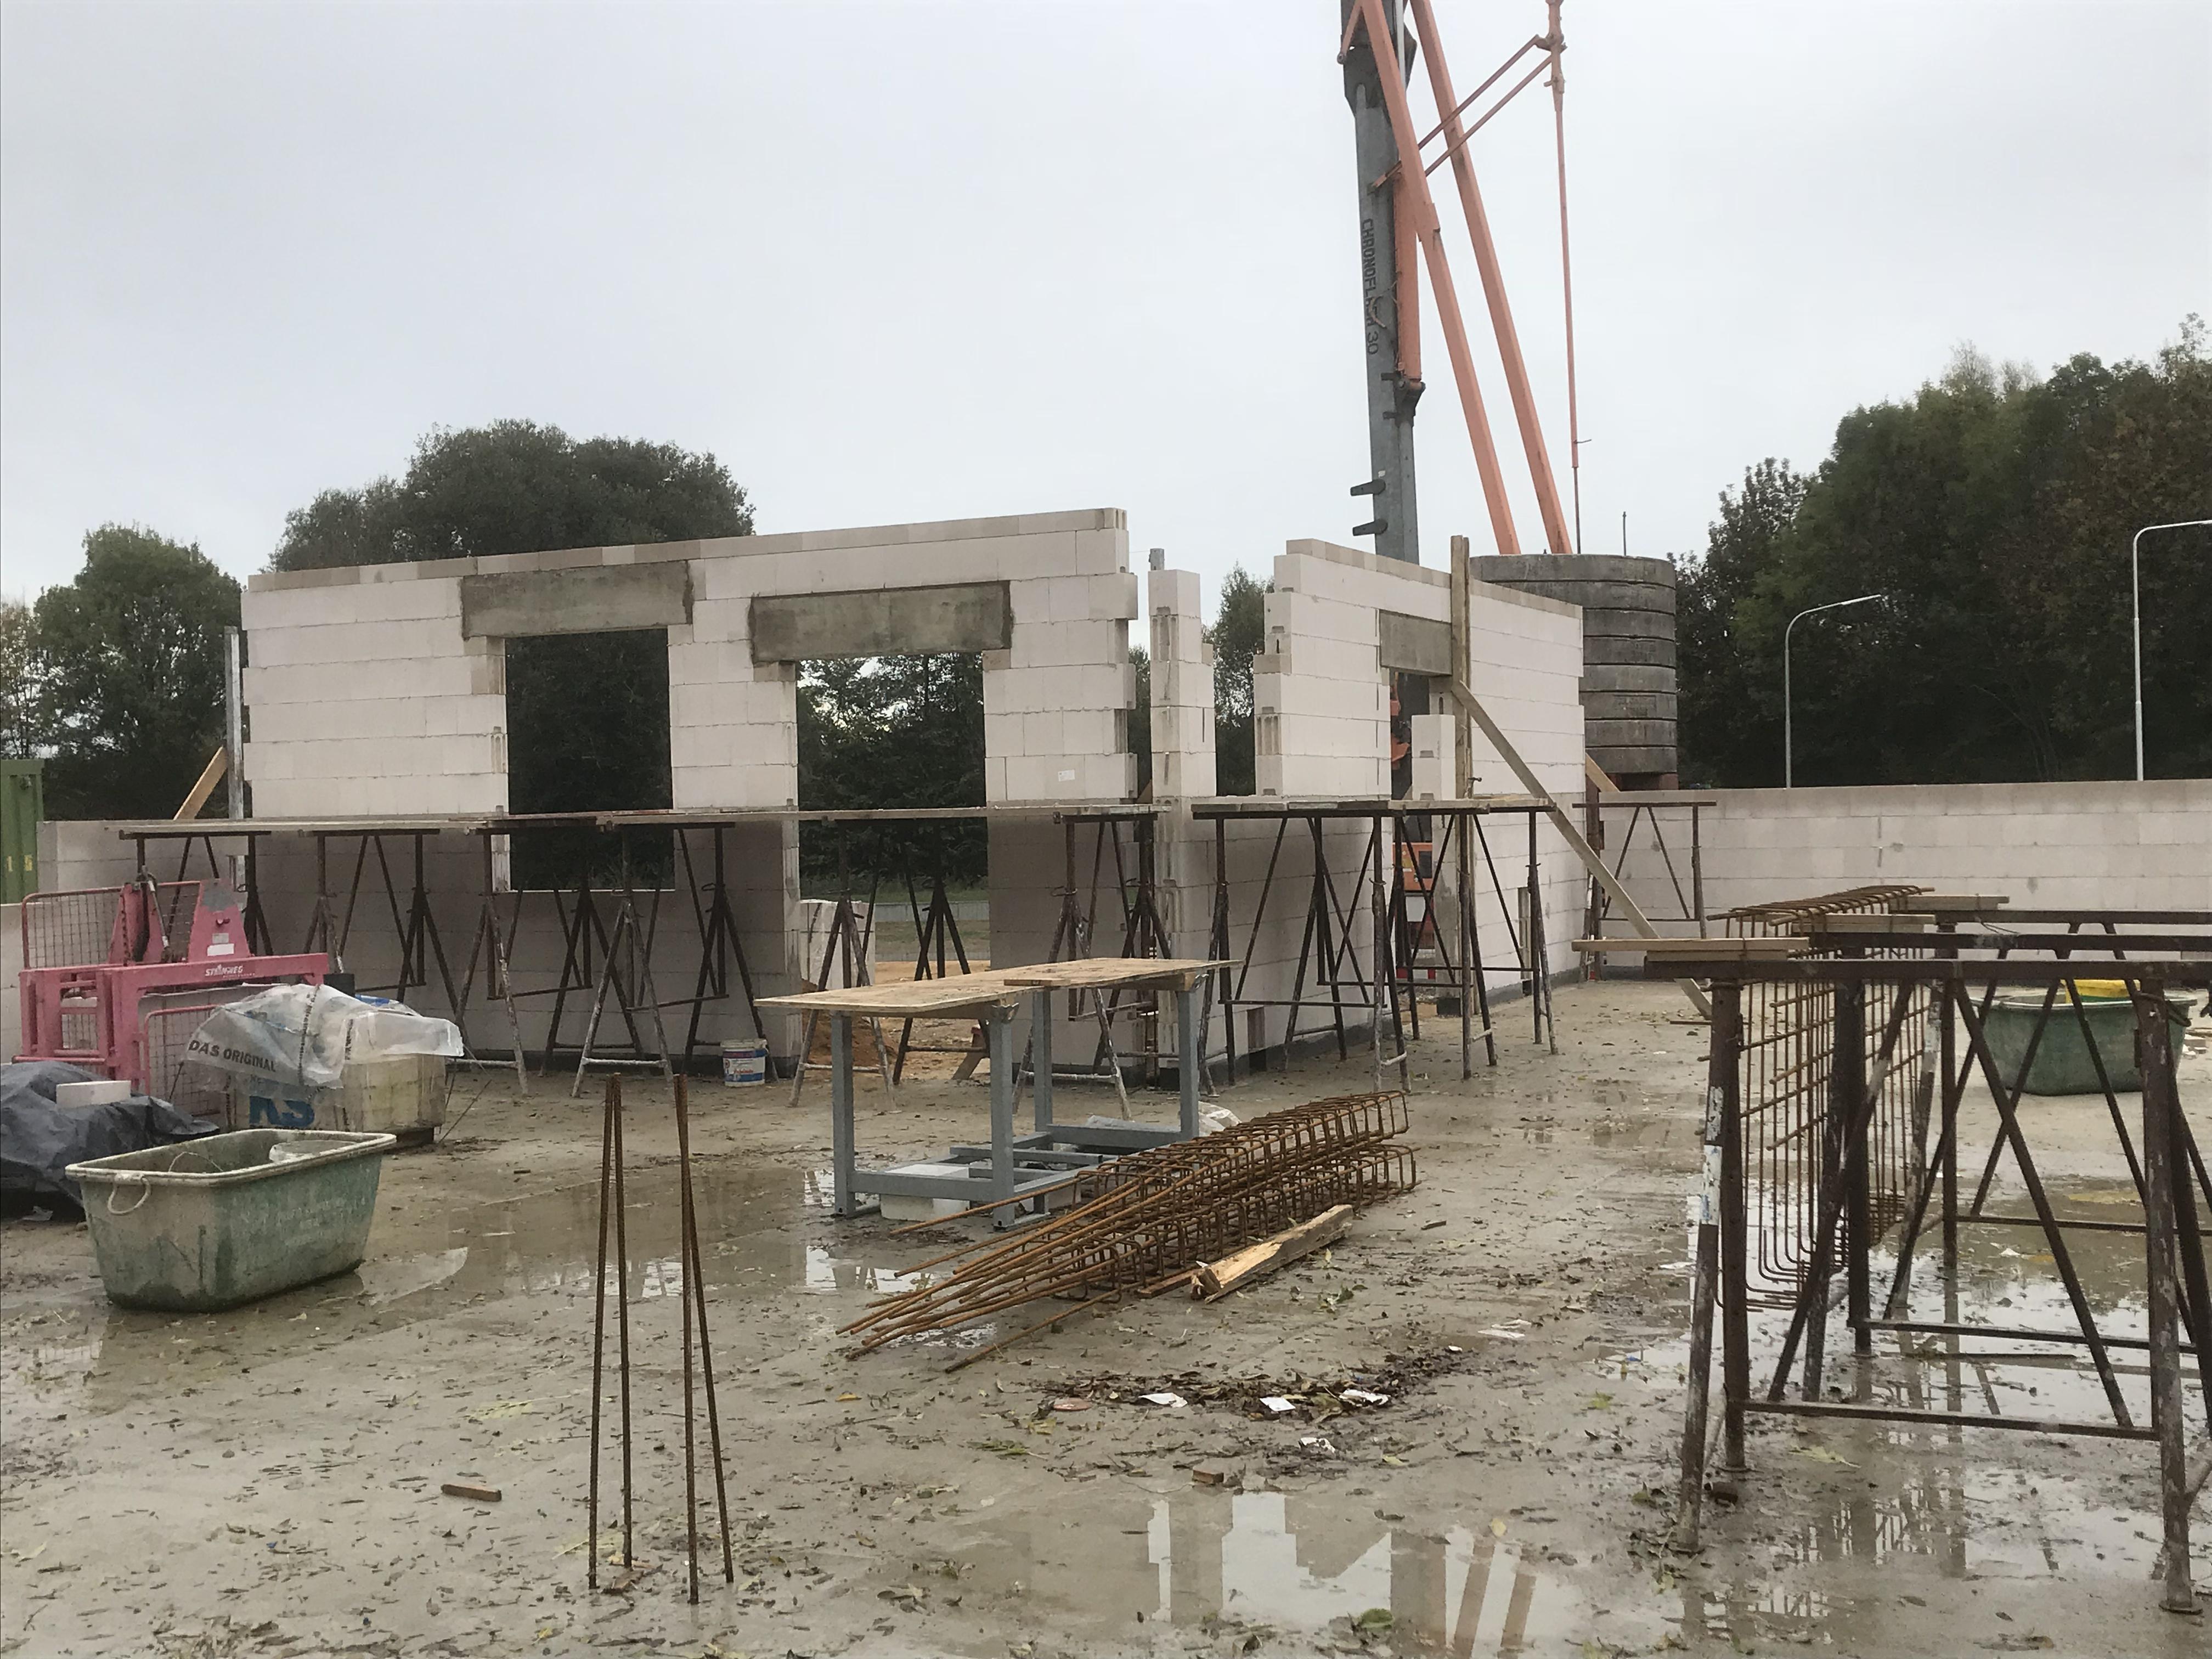 <p>Betonwände und Außenmauern&nbsp; (04.11.2018) In den letzen Wochen konnte die erste Stahlbetonwand fertiggestellt werden sowie [&hellip;]</p>